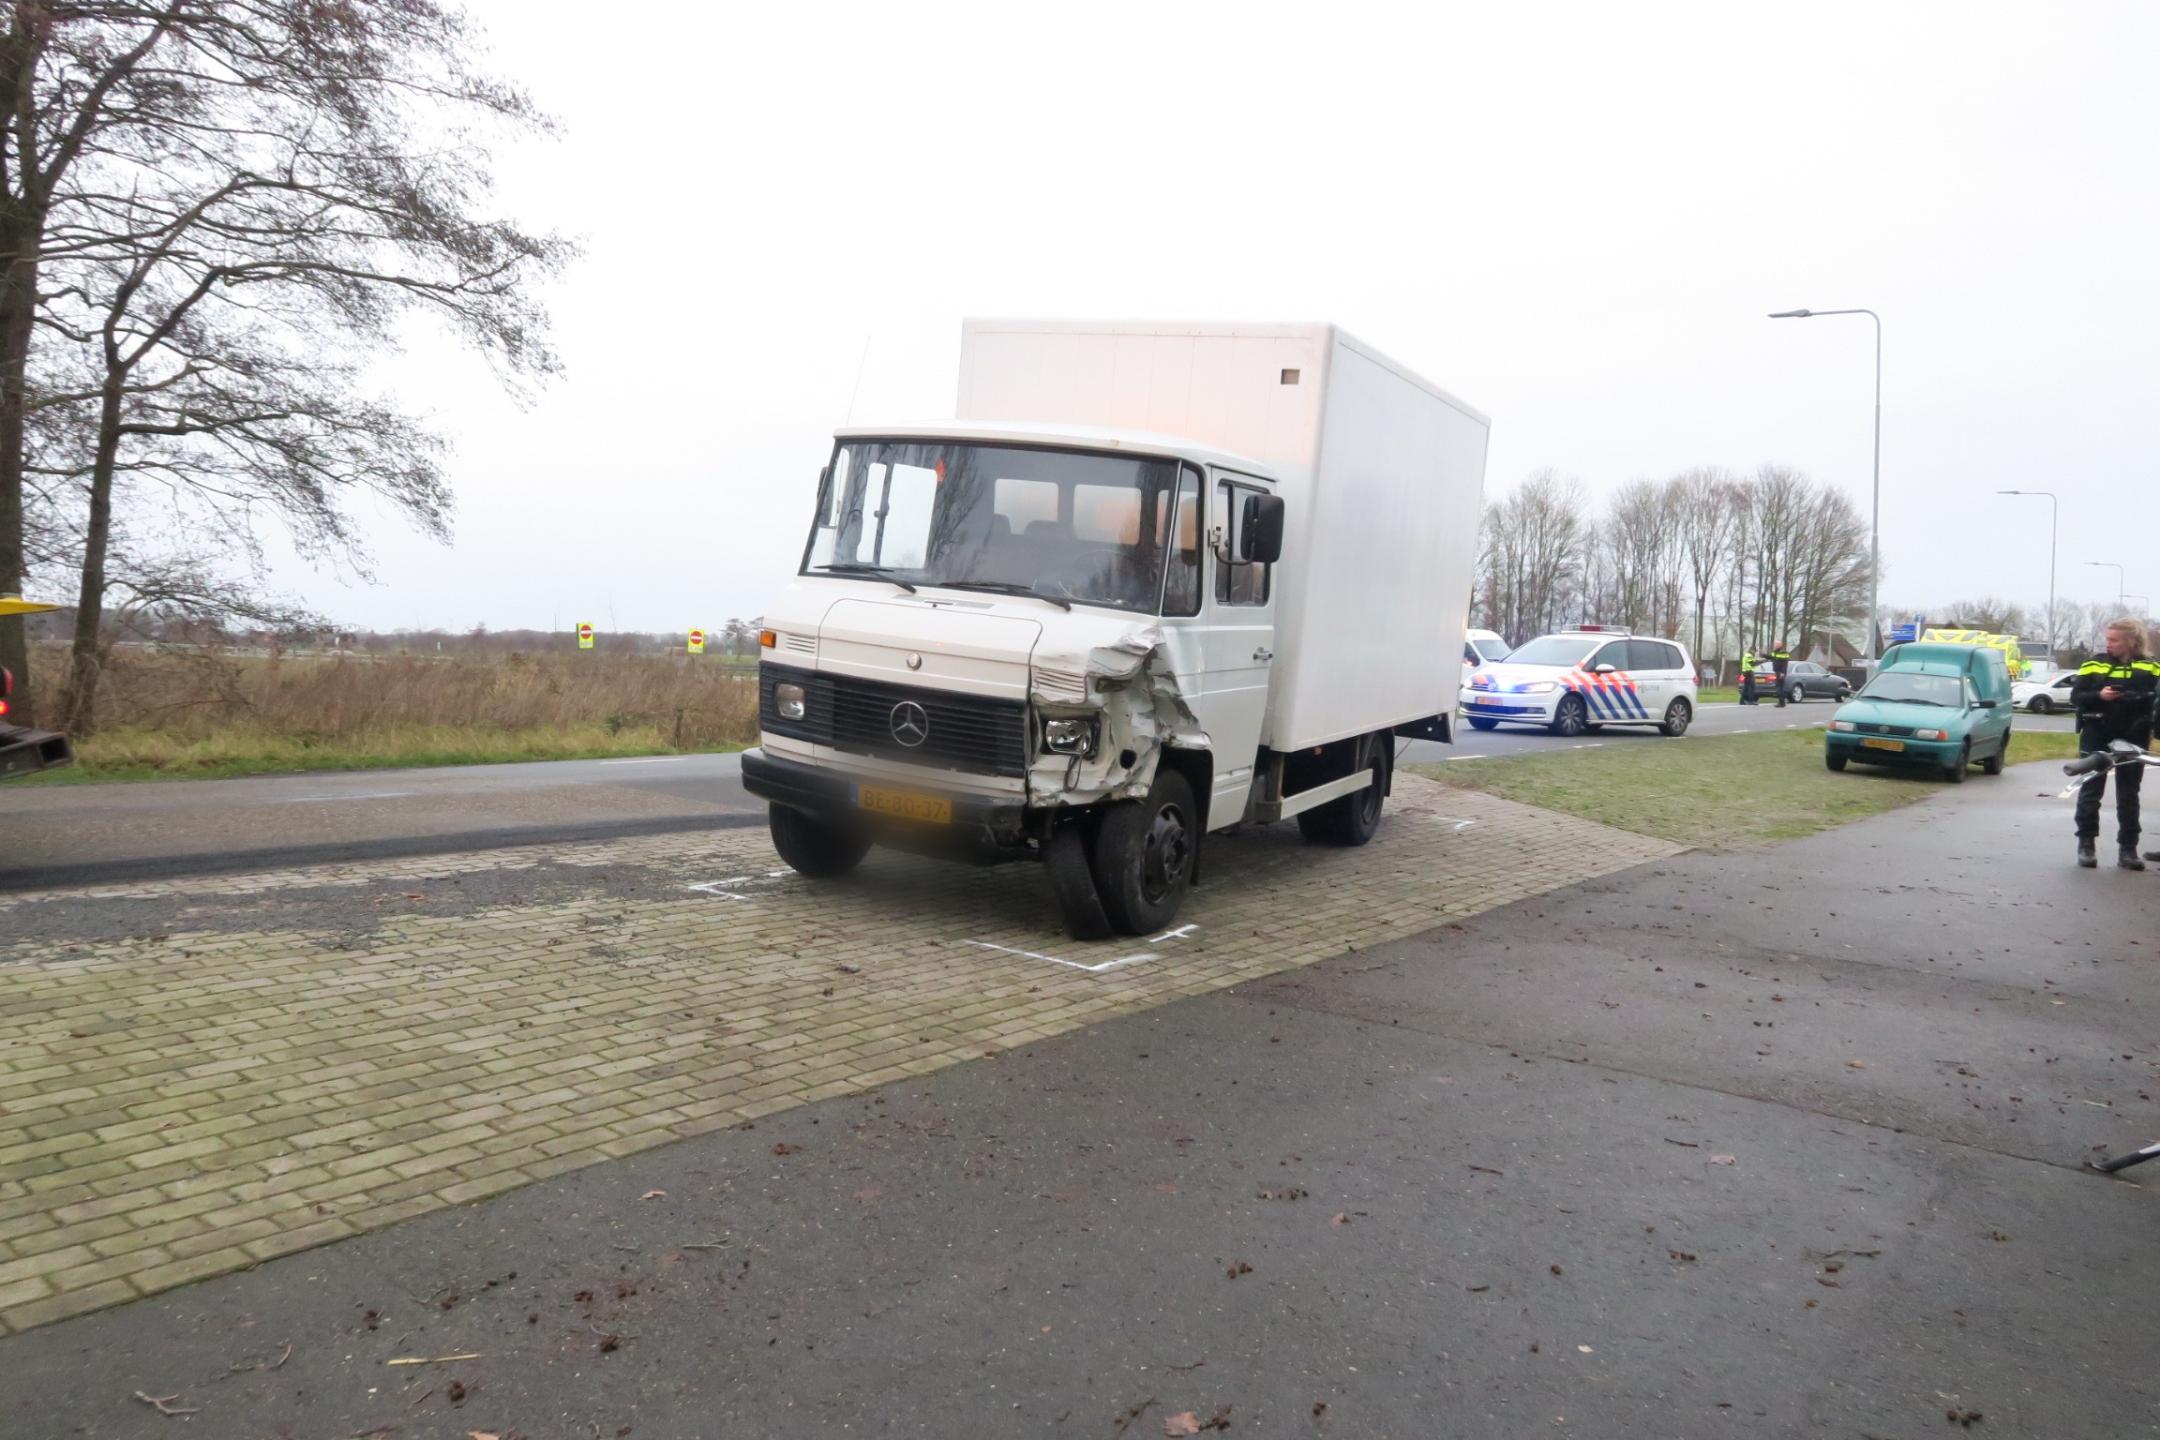 Video Vrachtwagen in Botsing met Auto bij Wijnjewoude